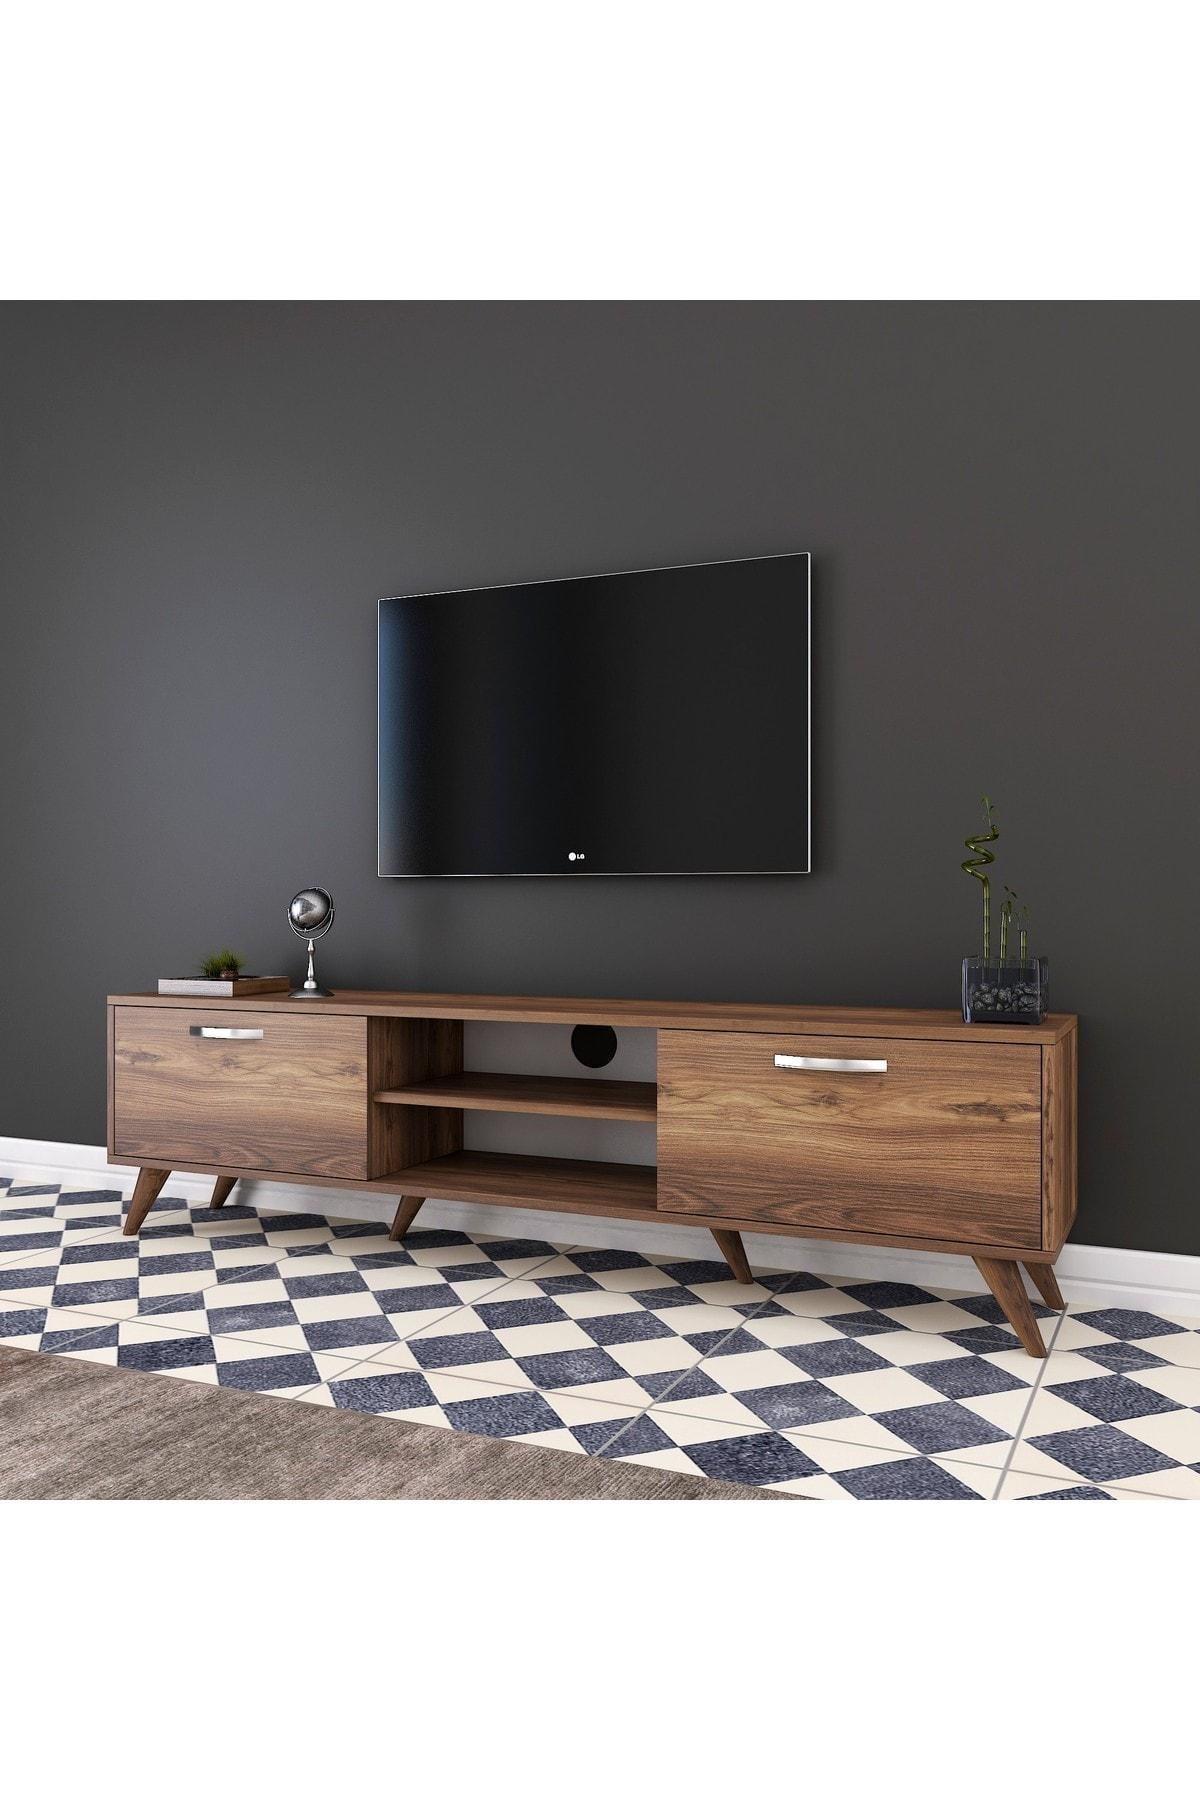 Rani Mobilya Rani A9 Tv Ünitesi Modern Ayaklı Tv Sehpası Ceviz